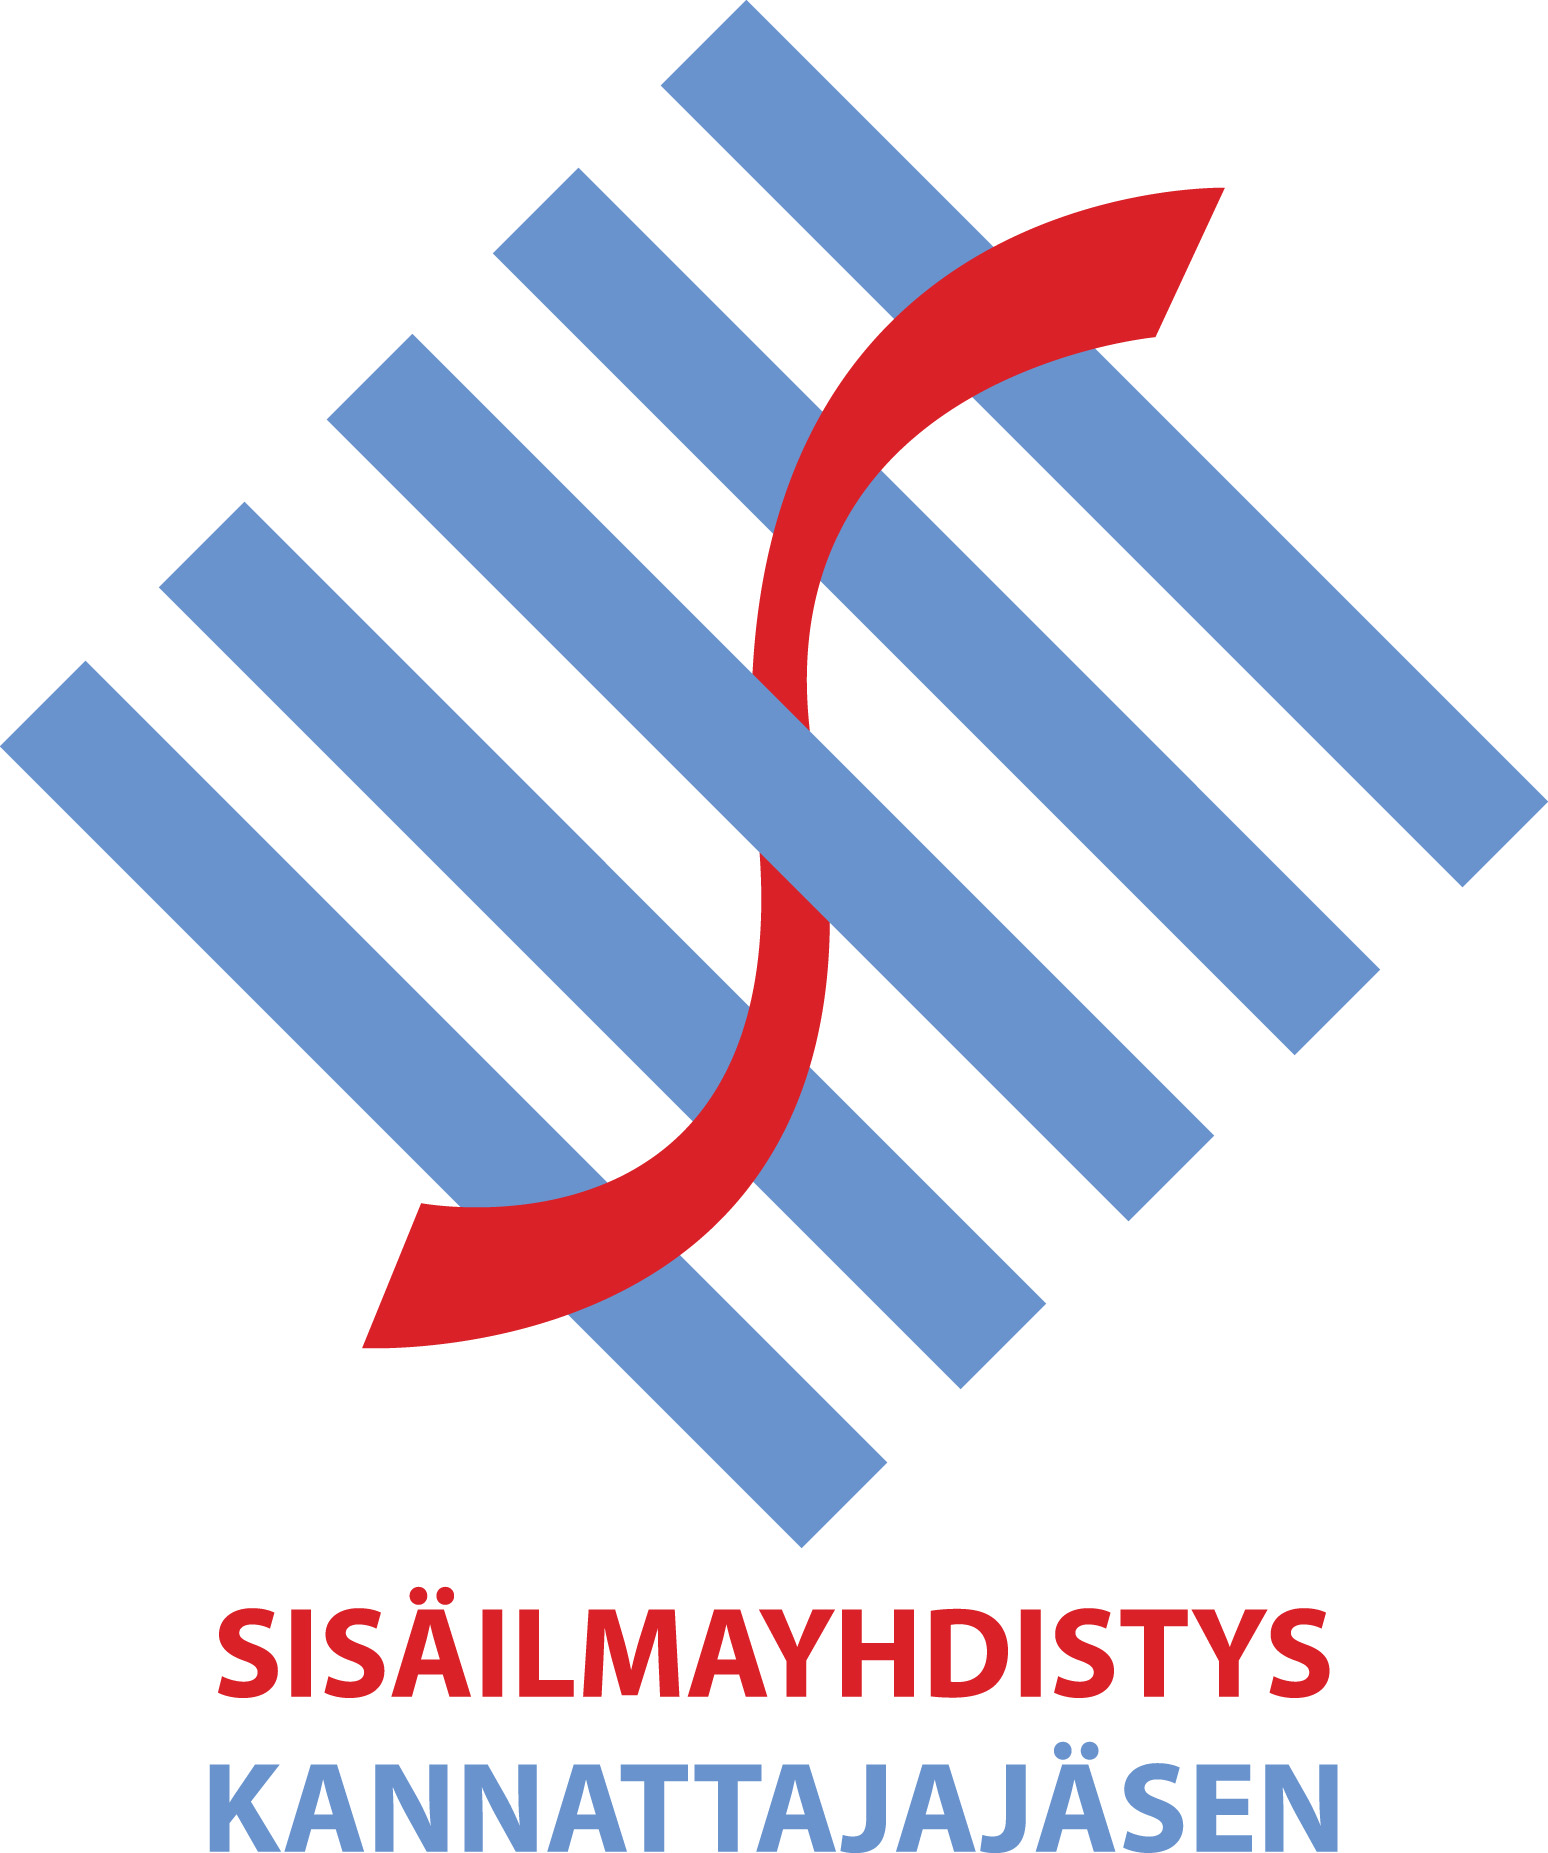 www.sisailmayhdistys.fi